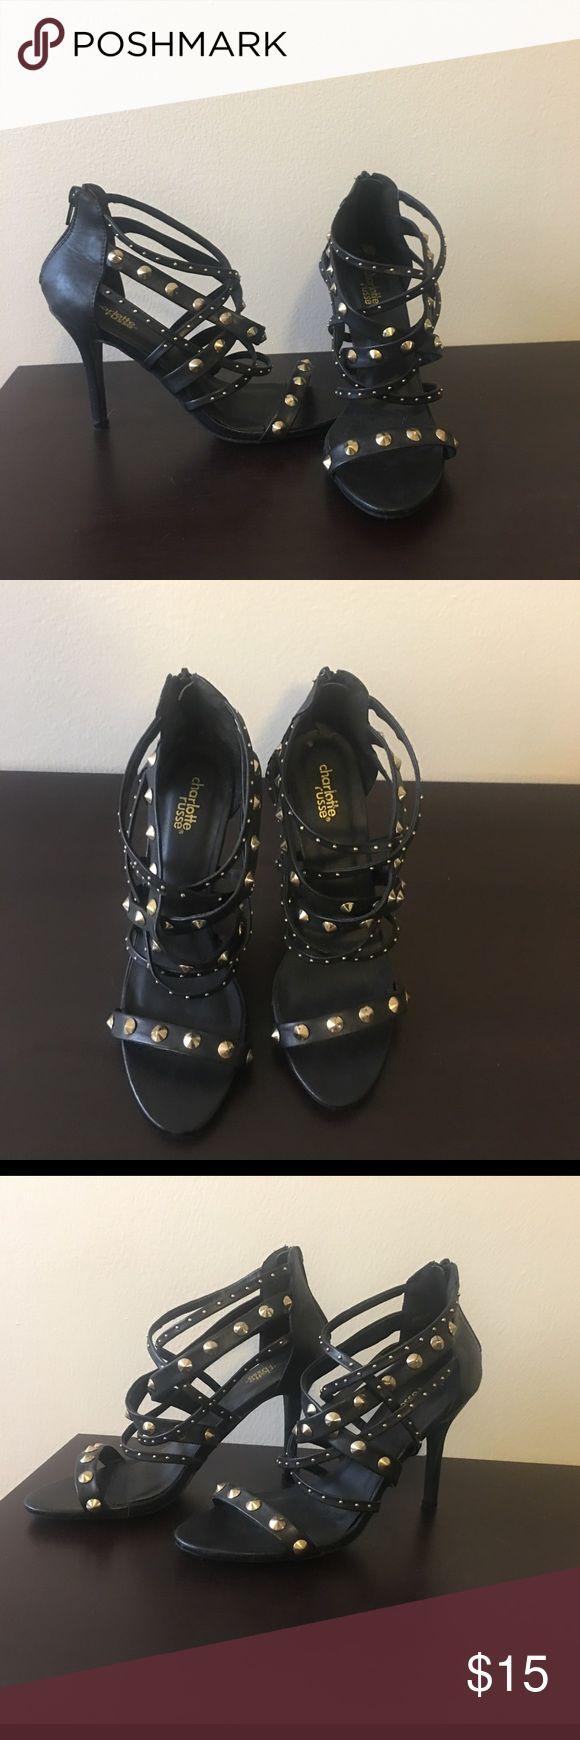 Black studded heels Charlotte Russe 8 1/2 black gold studded heels from Charlotte Russe. New without tags Charlotte Russe Shoes Heels